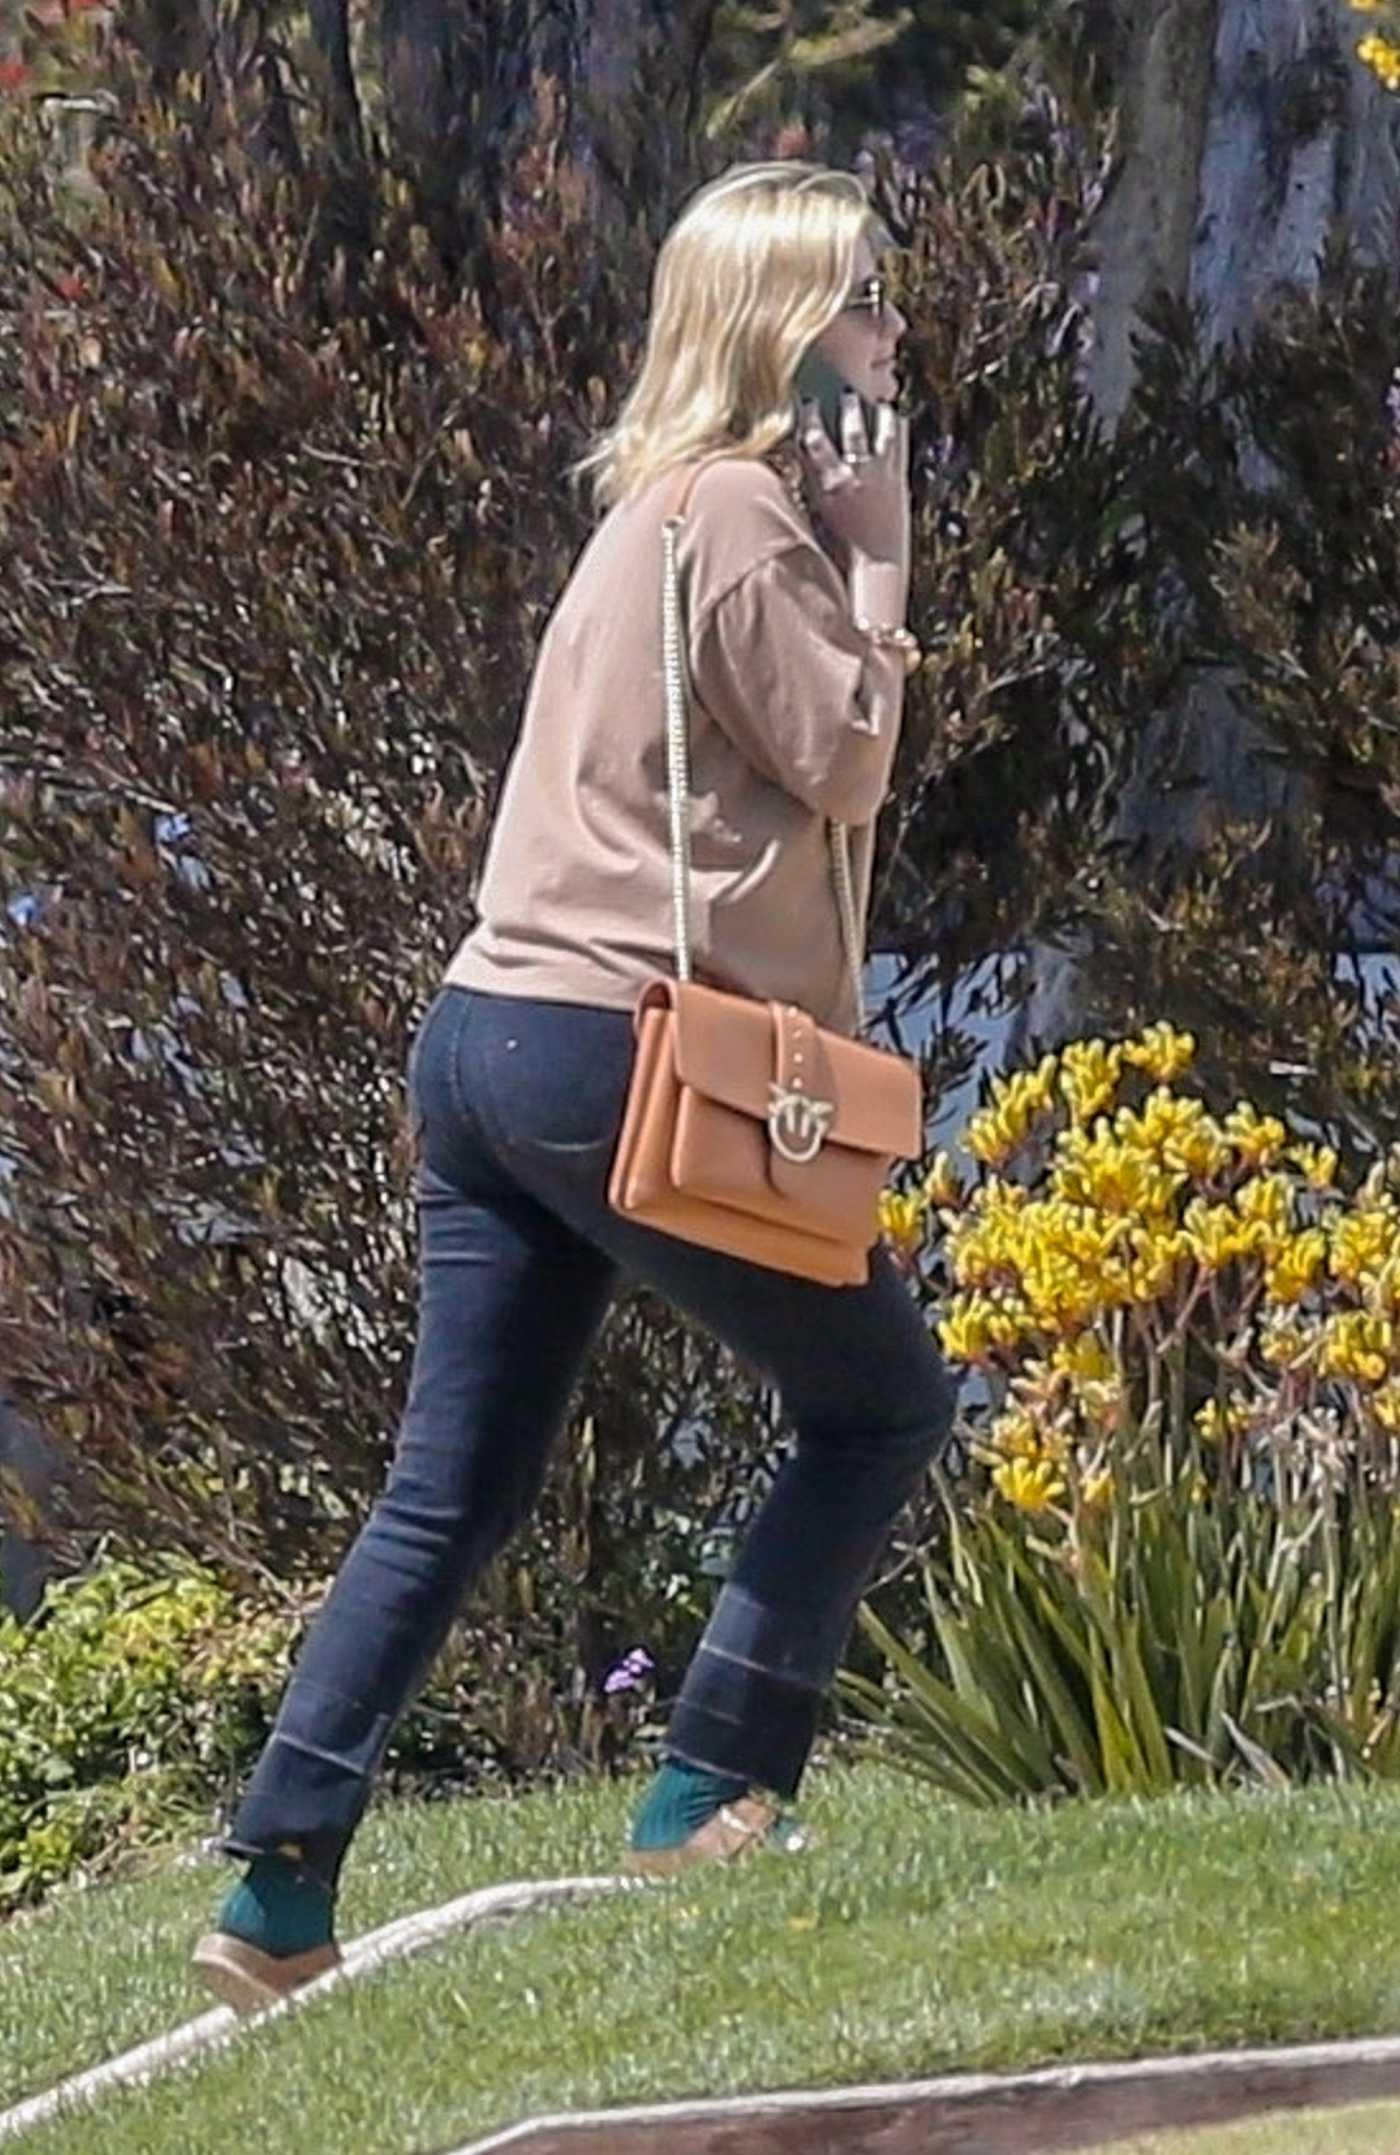 Mischa Barton in a Beige Sweatshirt Returns Home in Los Feliz 05/22/2021